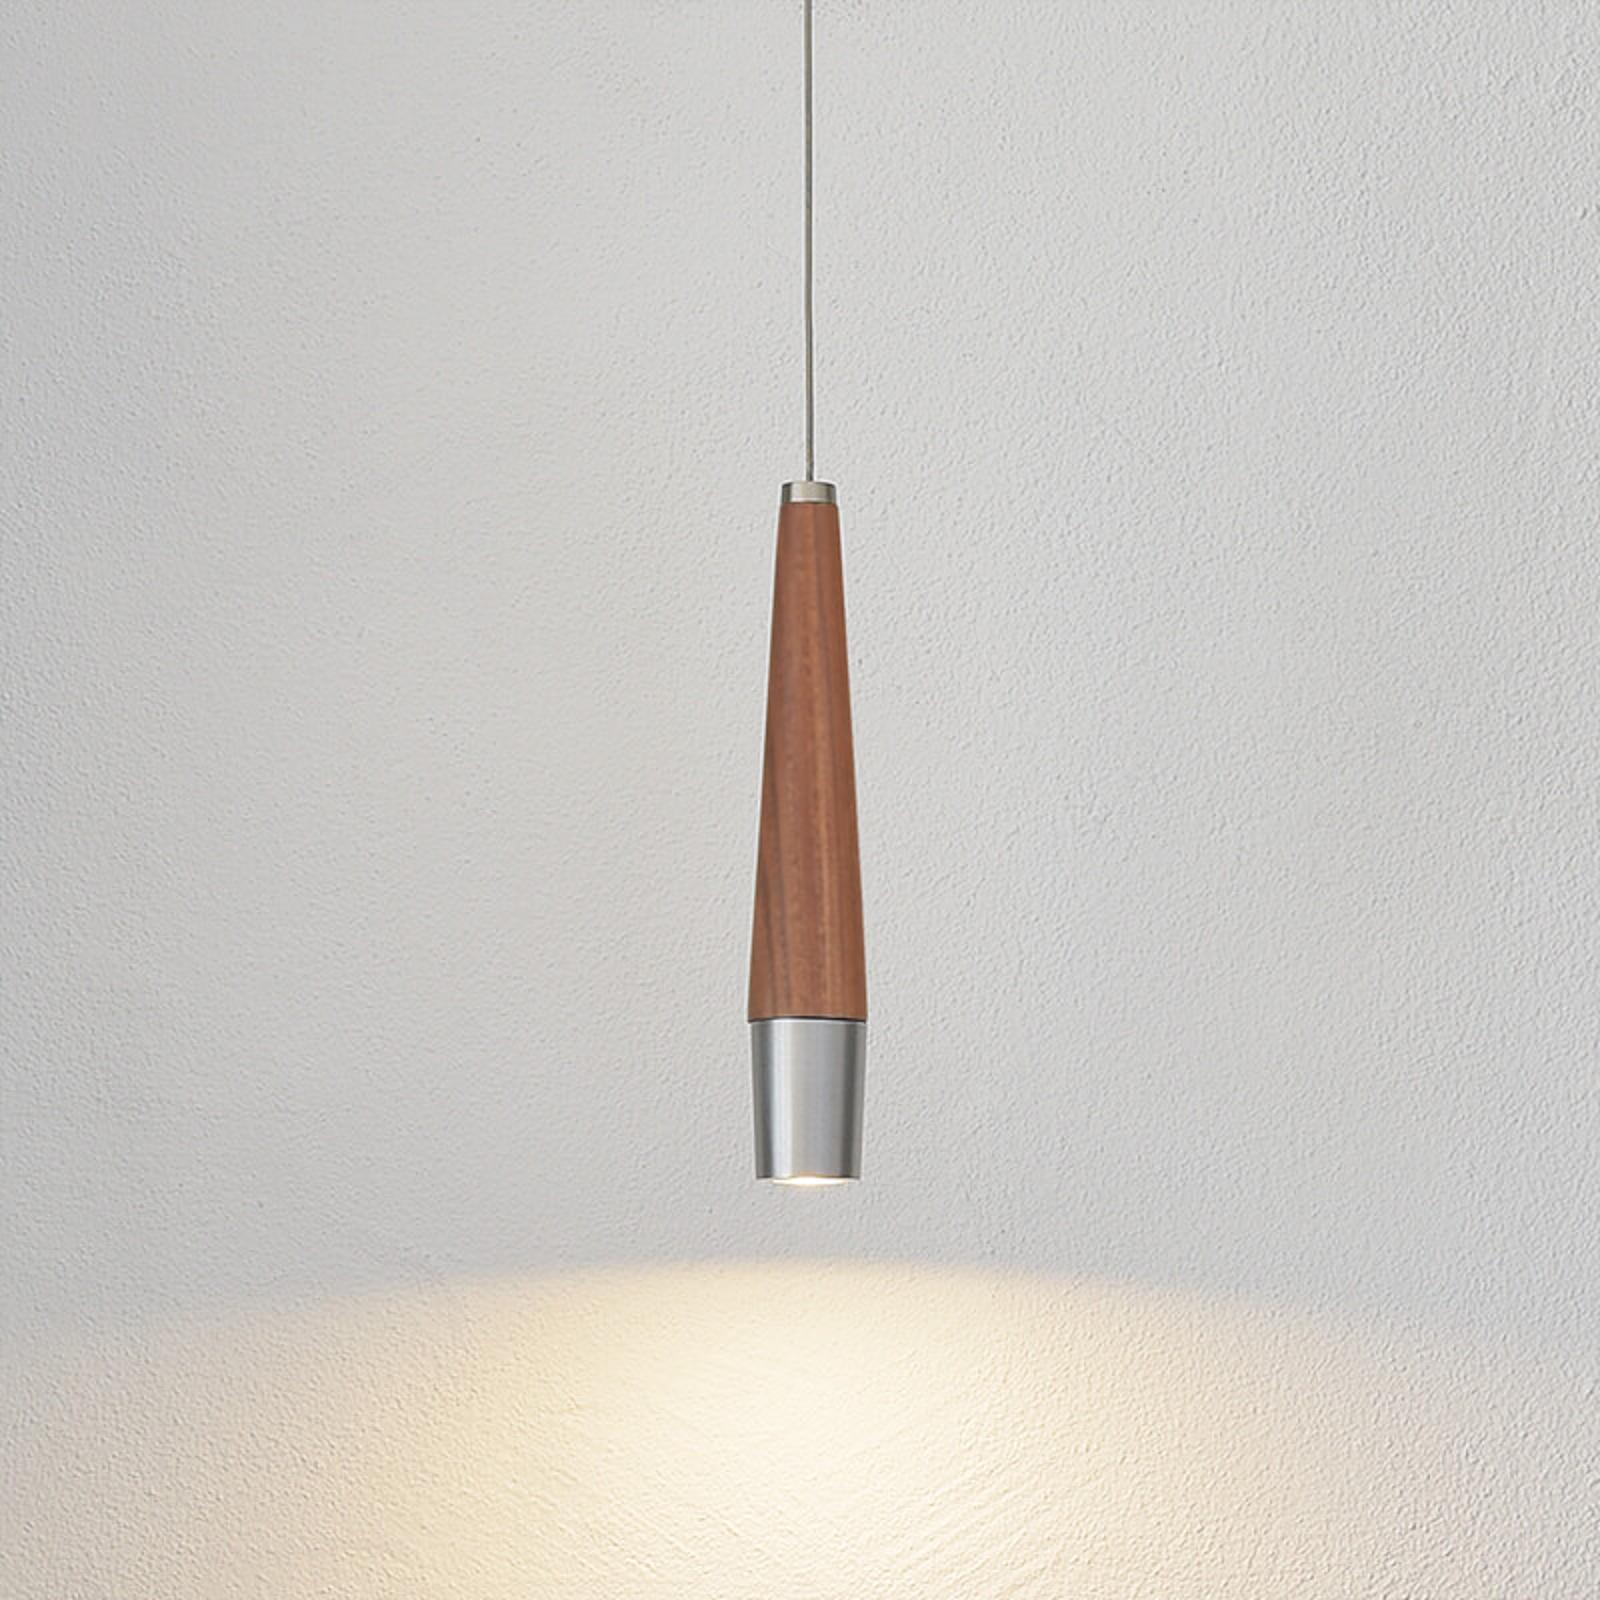 HerzBlut Conico LED-Hängelampe Nussbaum, 1-flammig